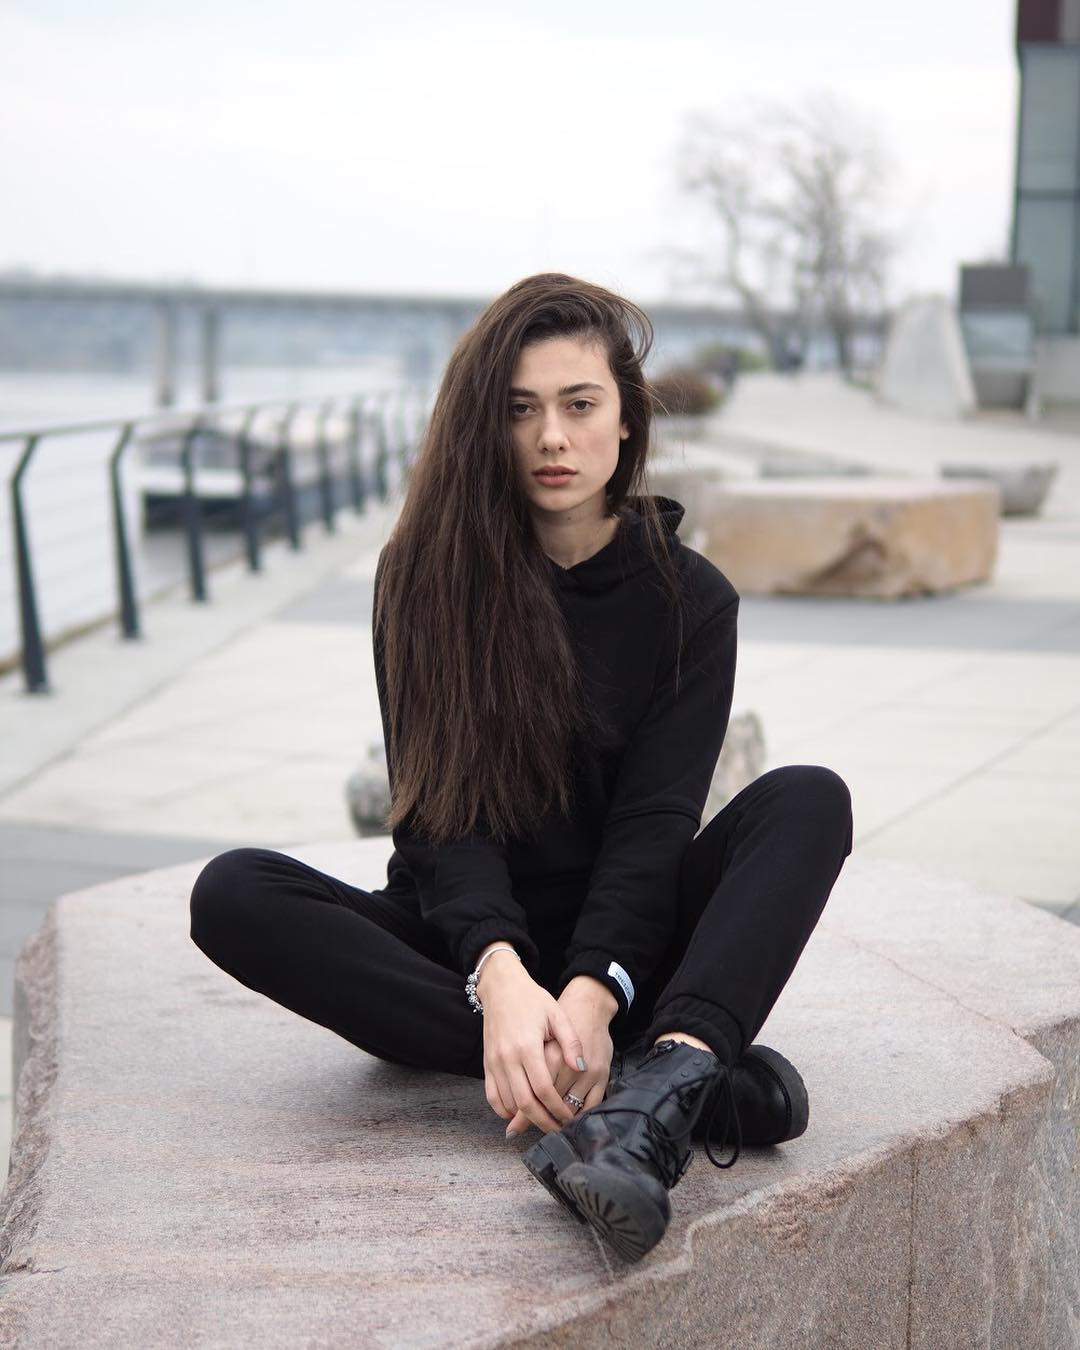 Юлия дыхан работа для девушек высокая оплата